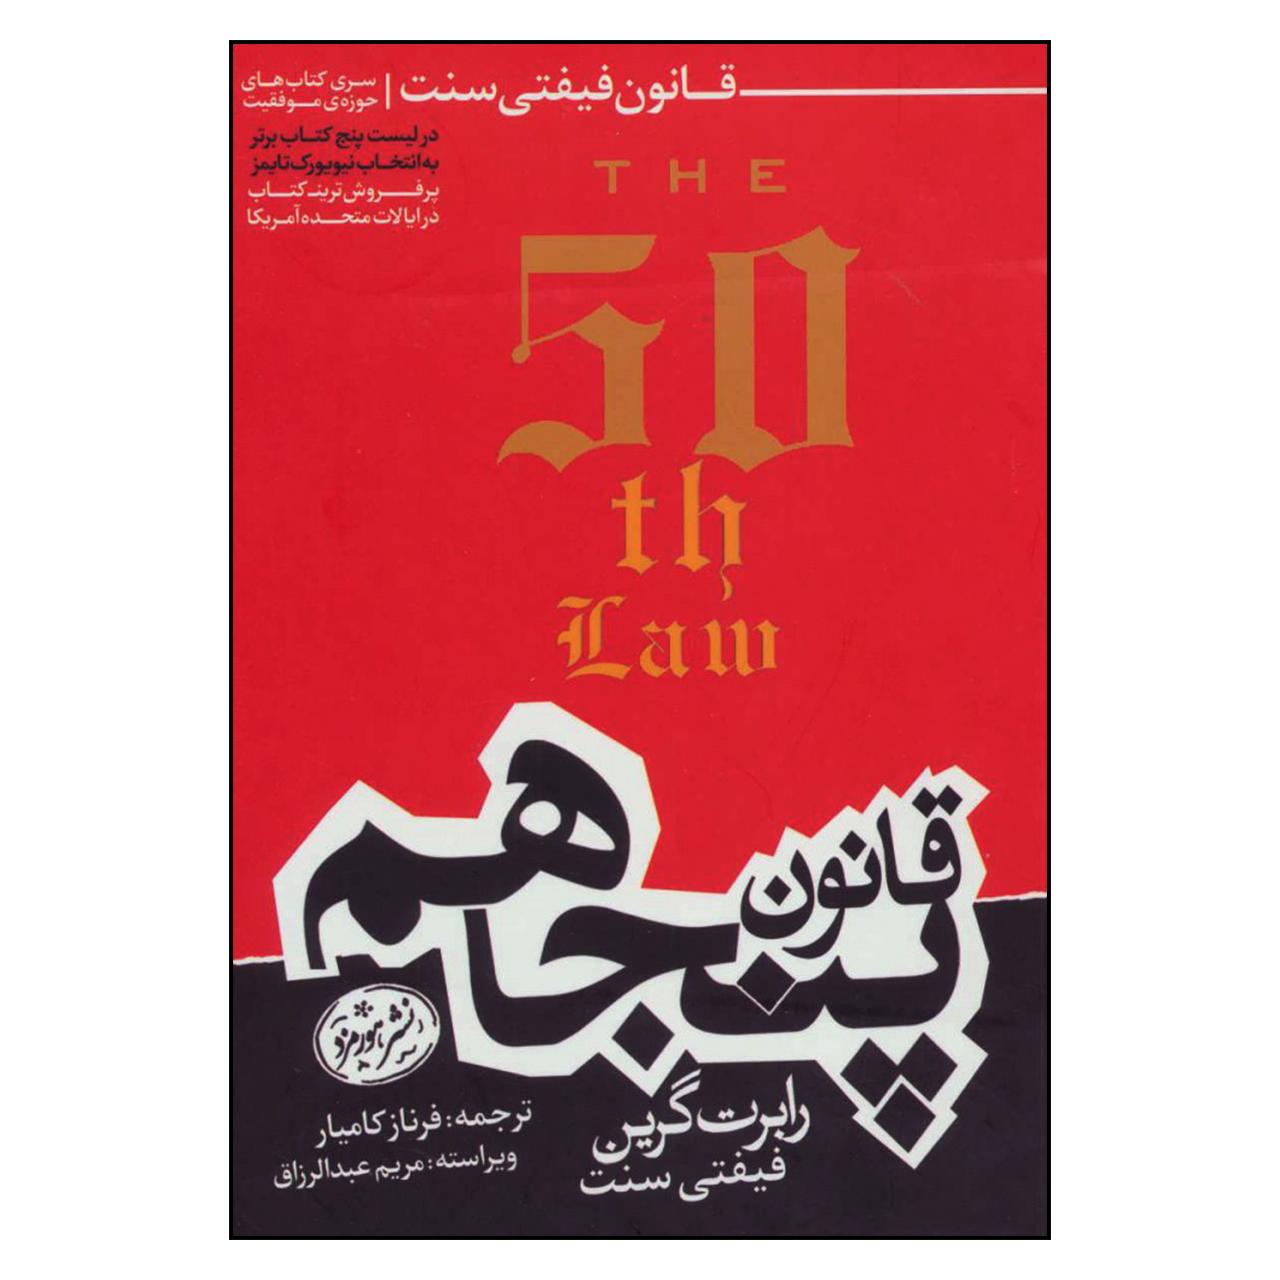 کتاب قانون پنجاهم اثر رابرت گرين و فيفتي سنت نشر هورمزد